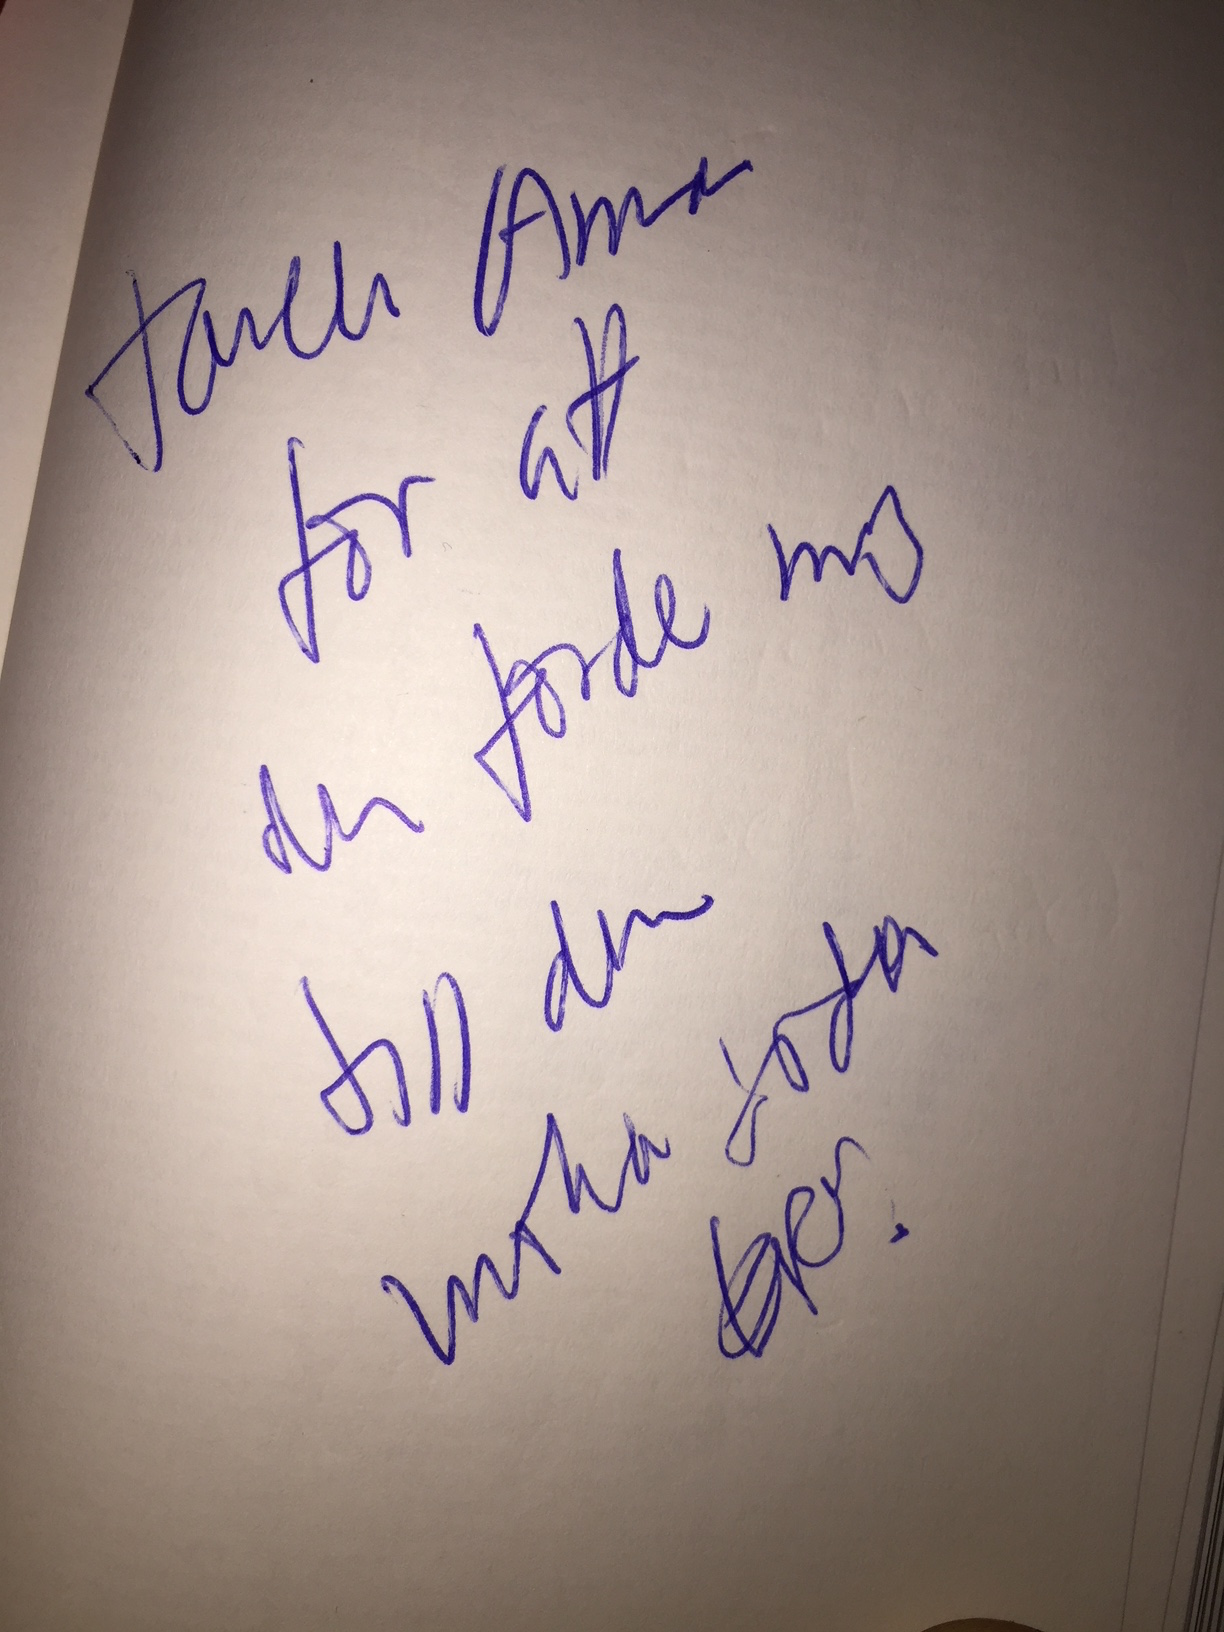 Eriks tackhälsning på vitt papper med texten: Tack Anna för att du förde mig till din mörka sida. Signerat Erik.